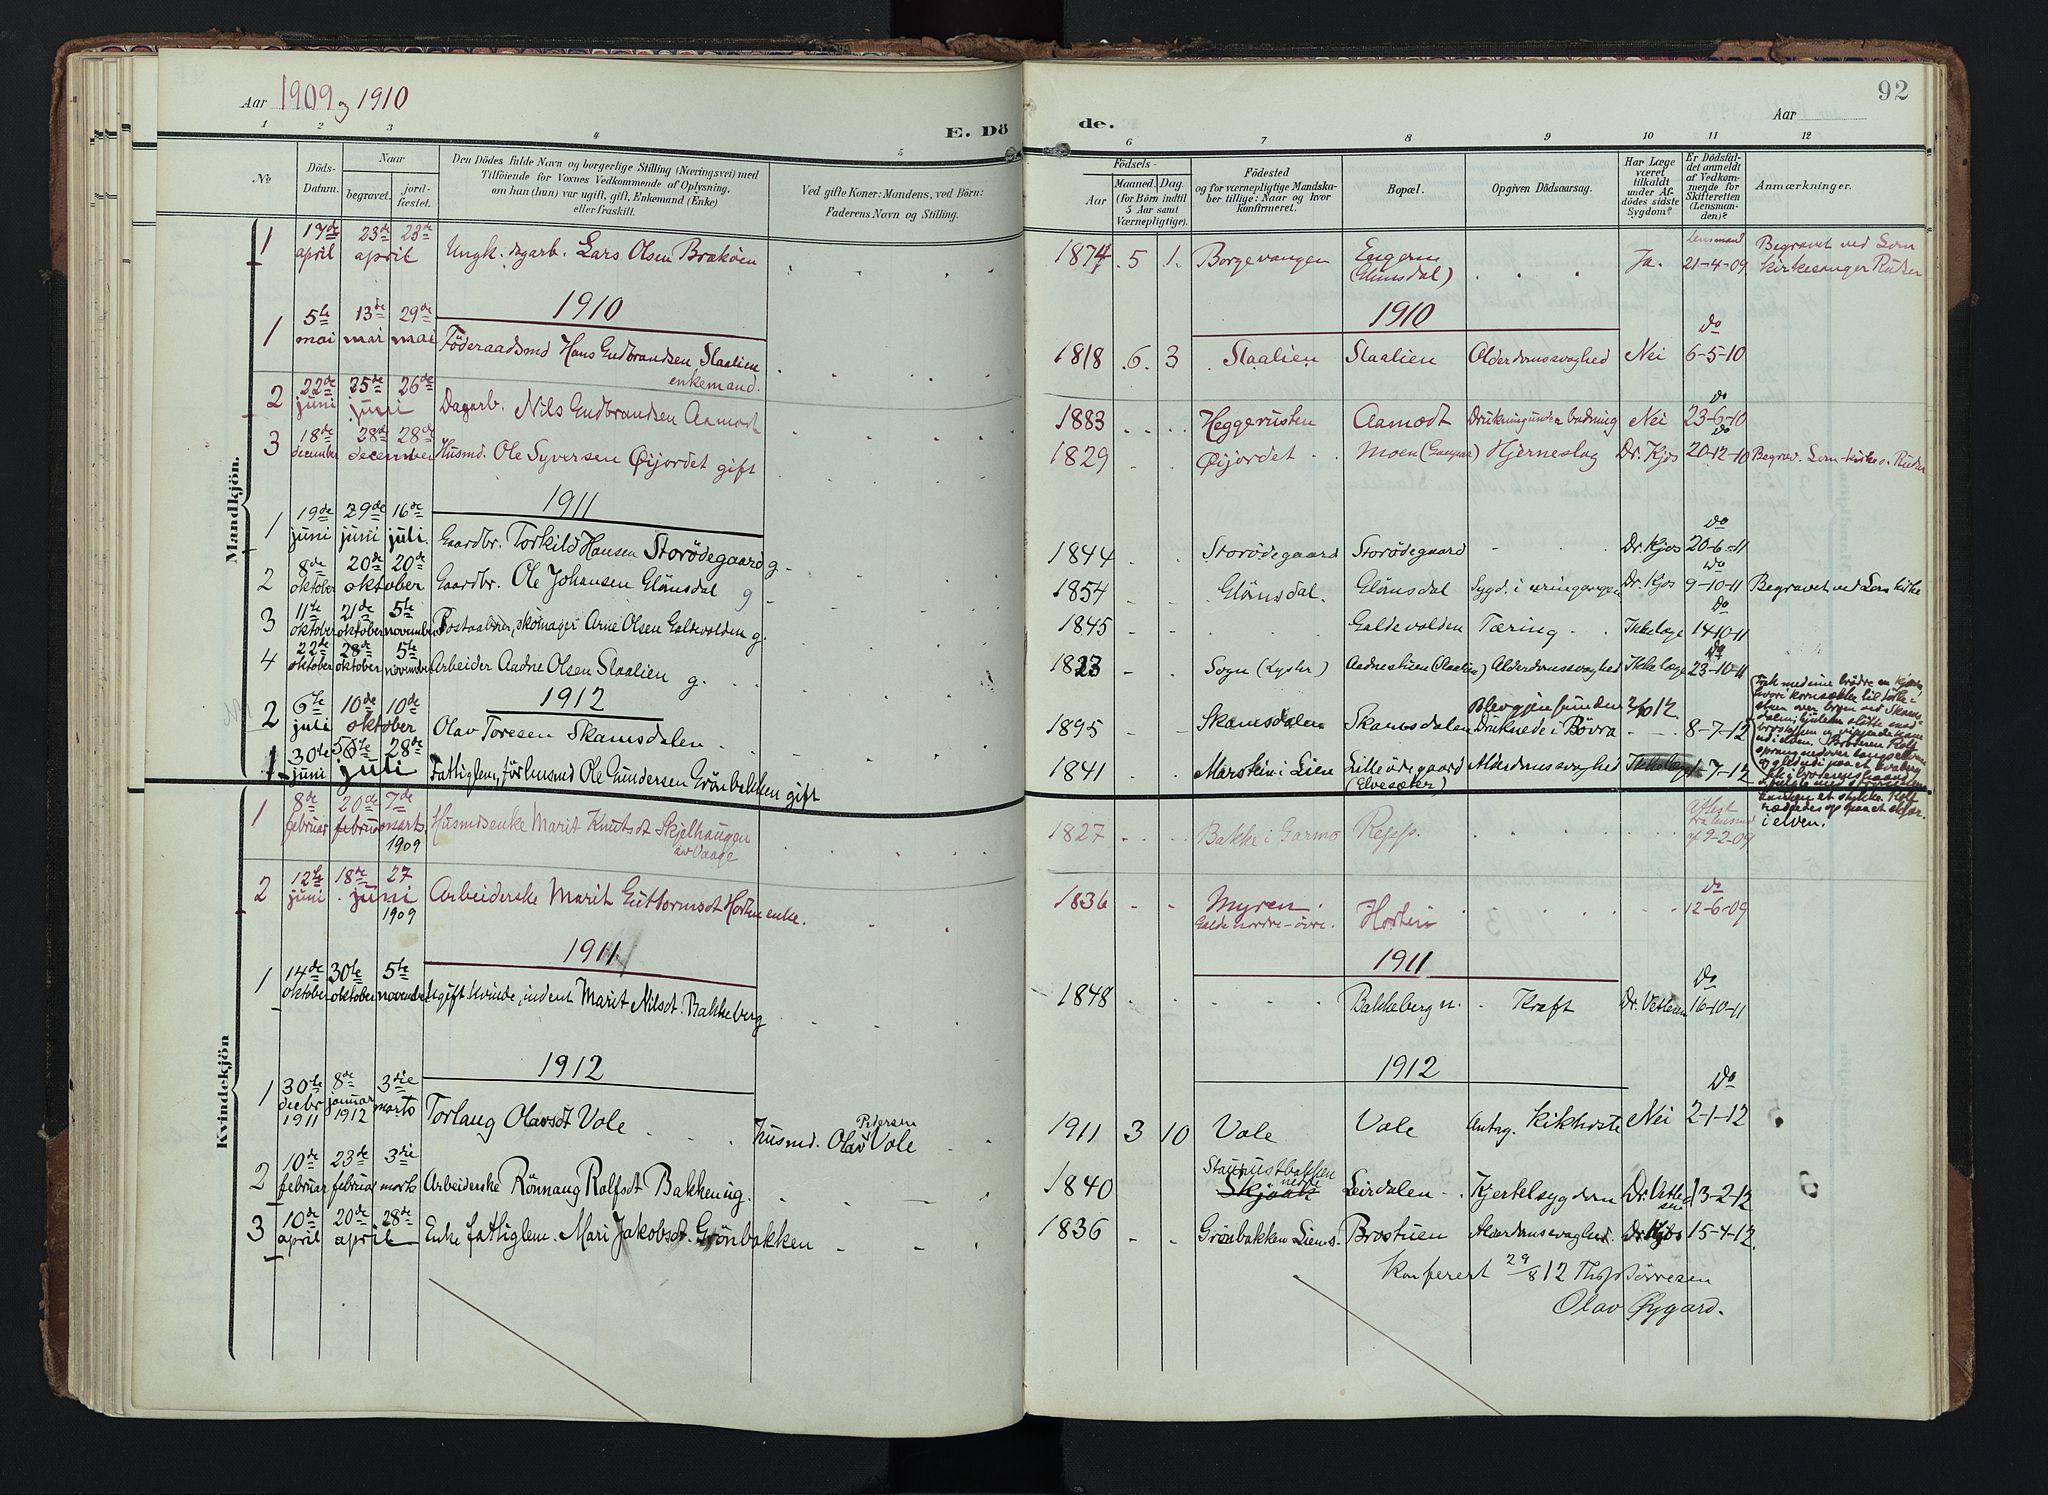 SAH, Lom prestekontor, K/L0012: Ministerialbok nr. 12, 1904-1928, s. 92